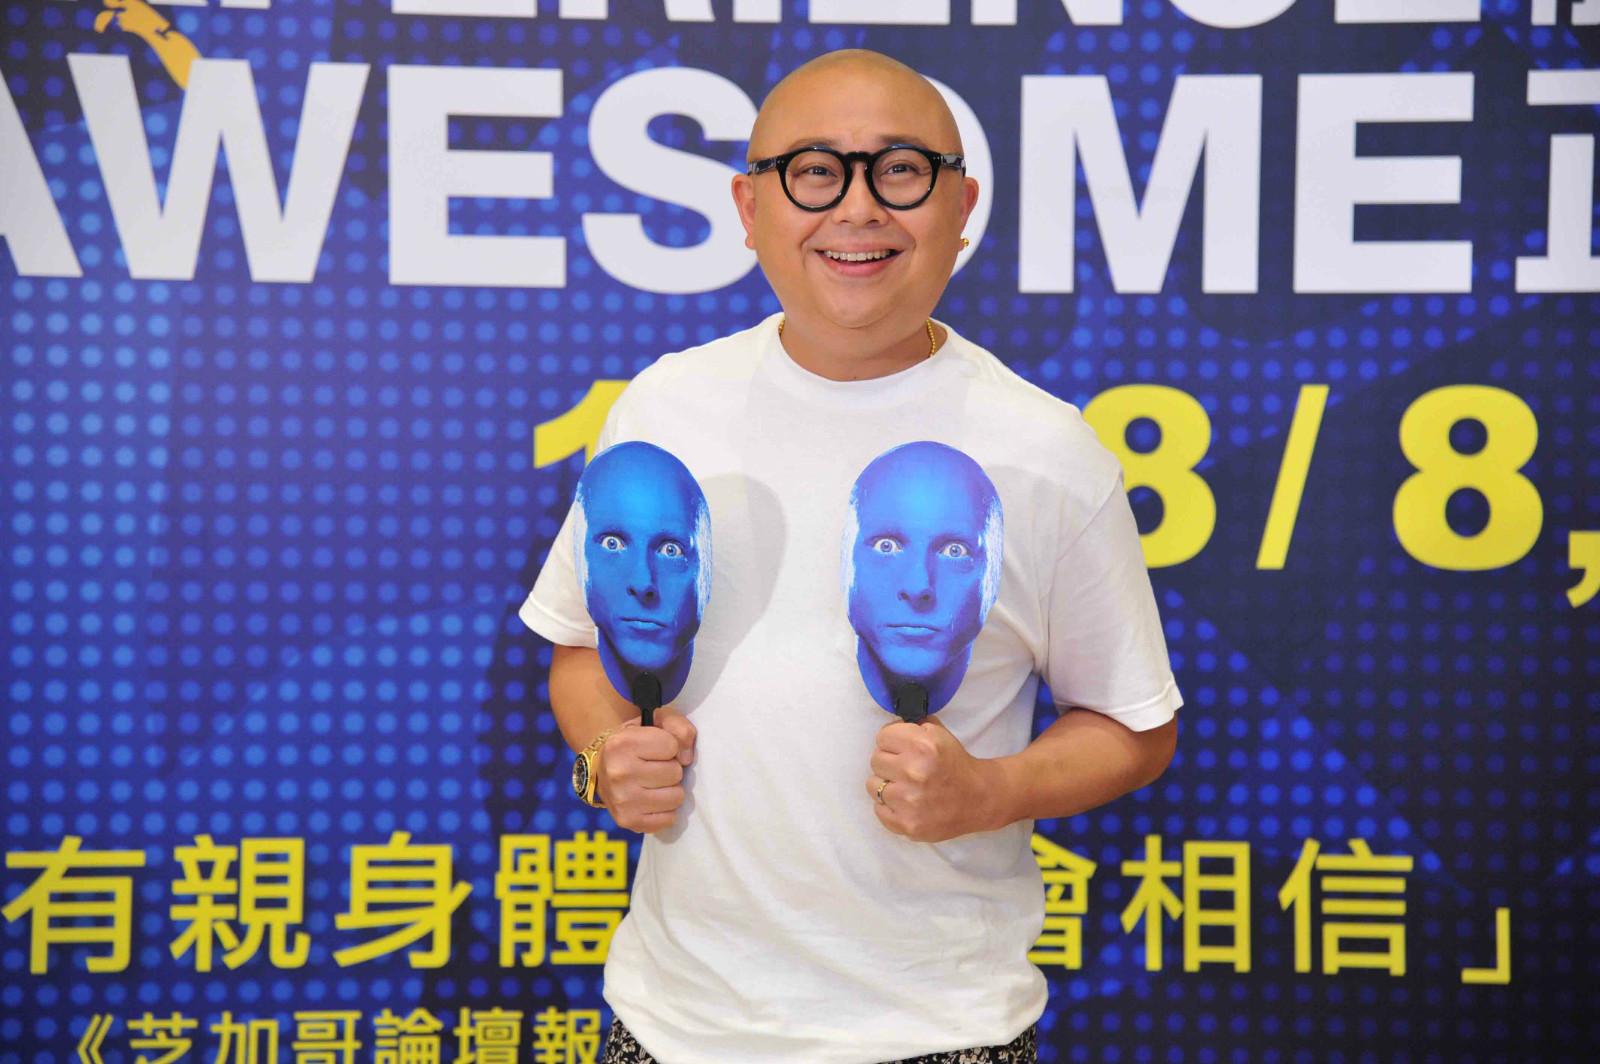 著名香港司仪兼艺人林盛斌